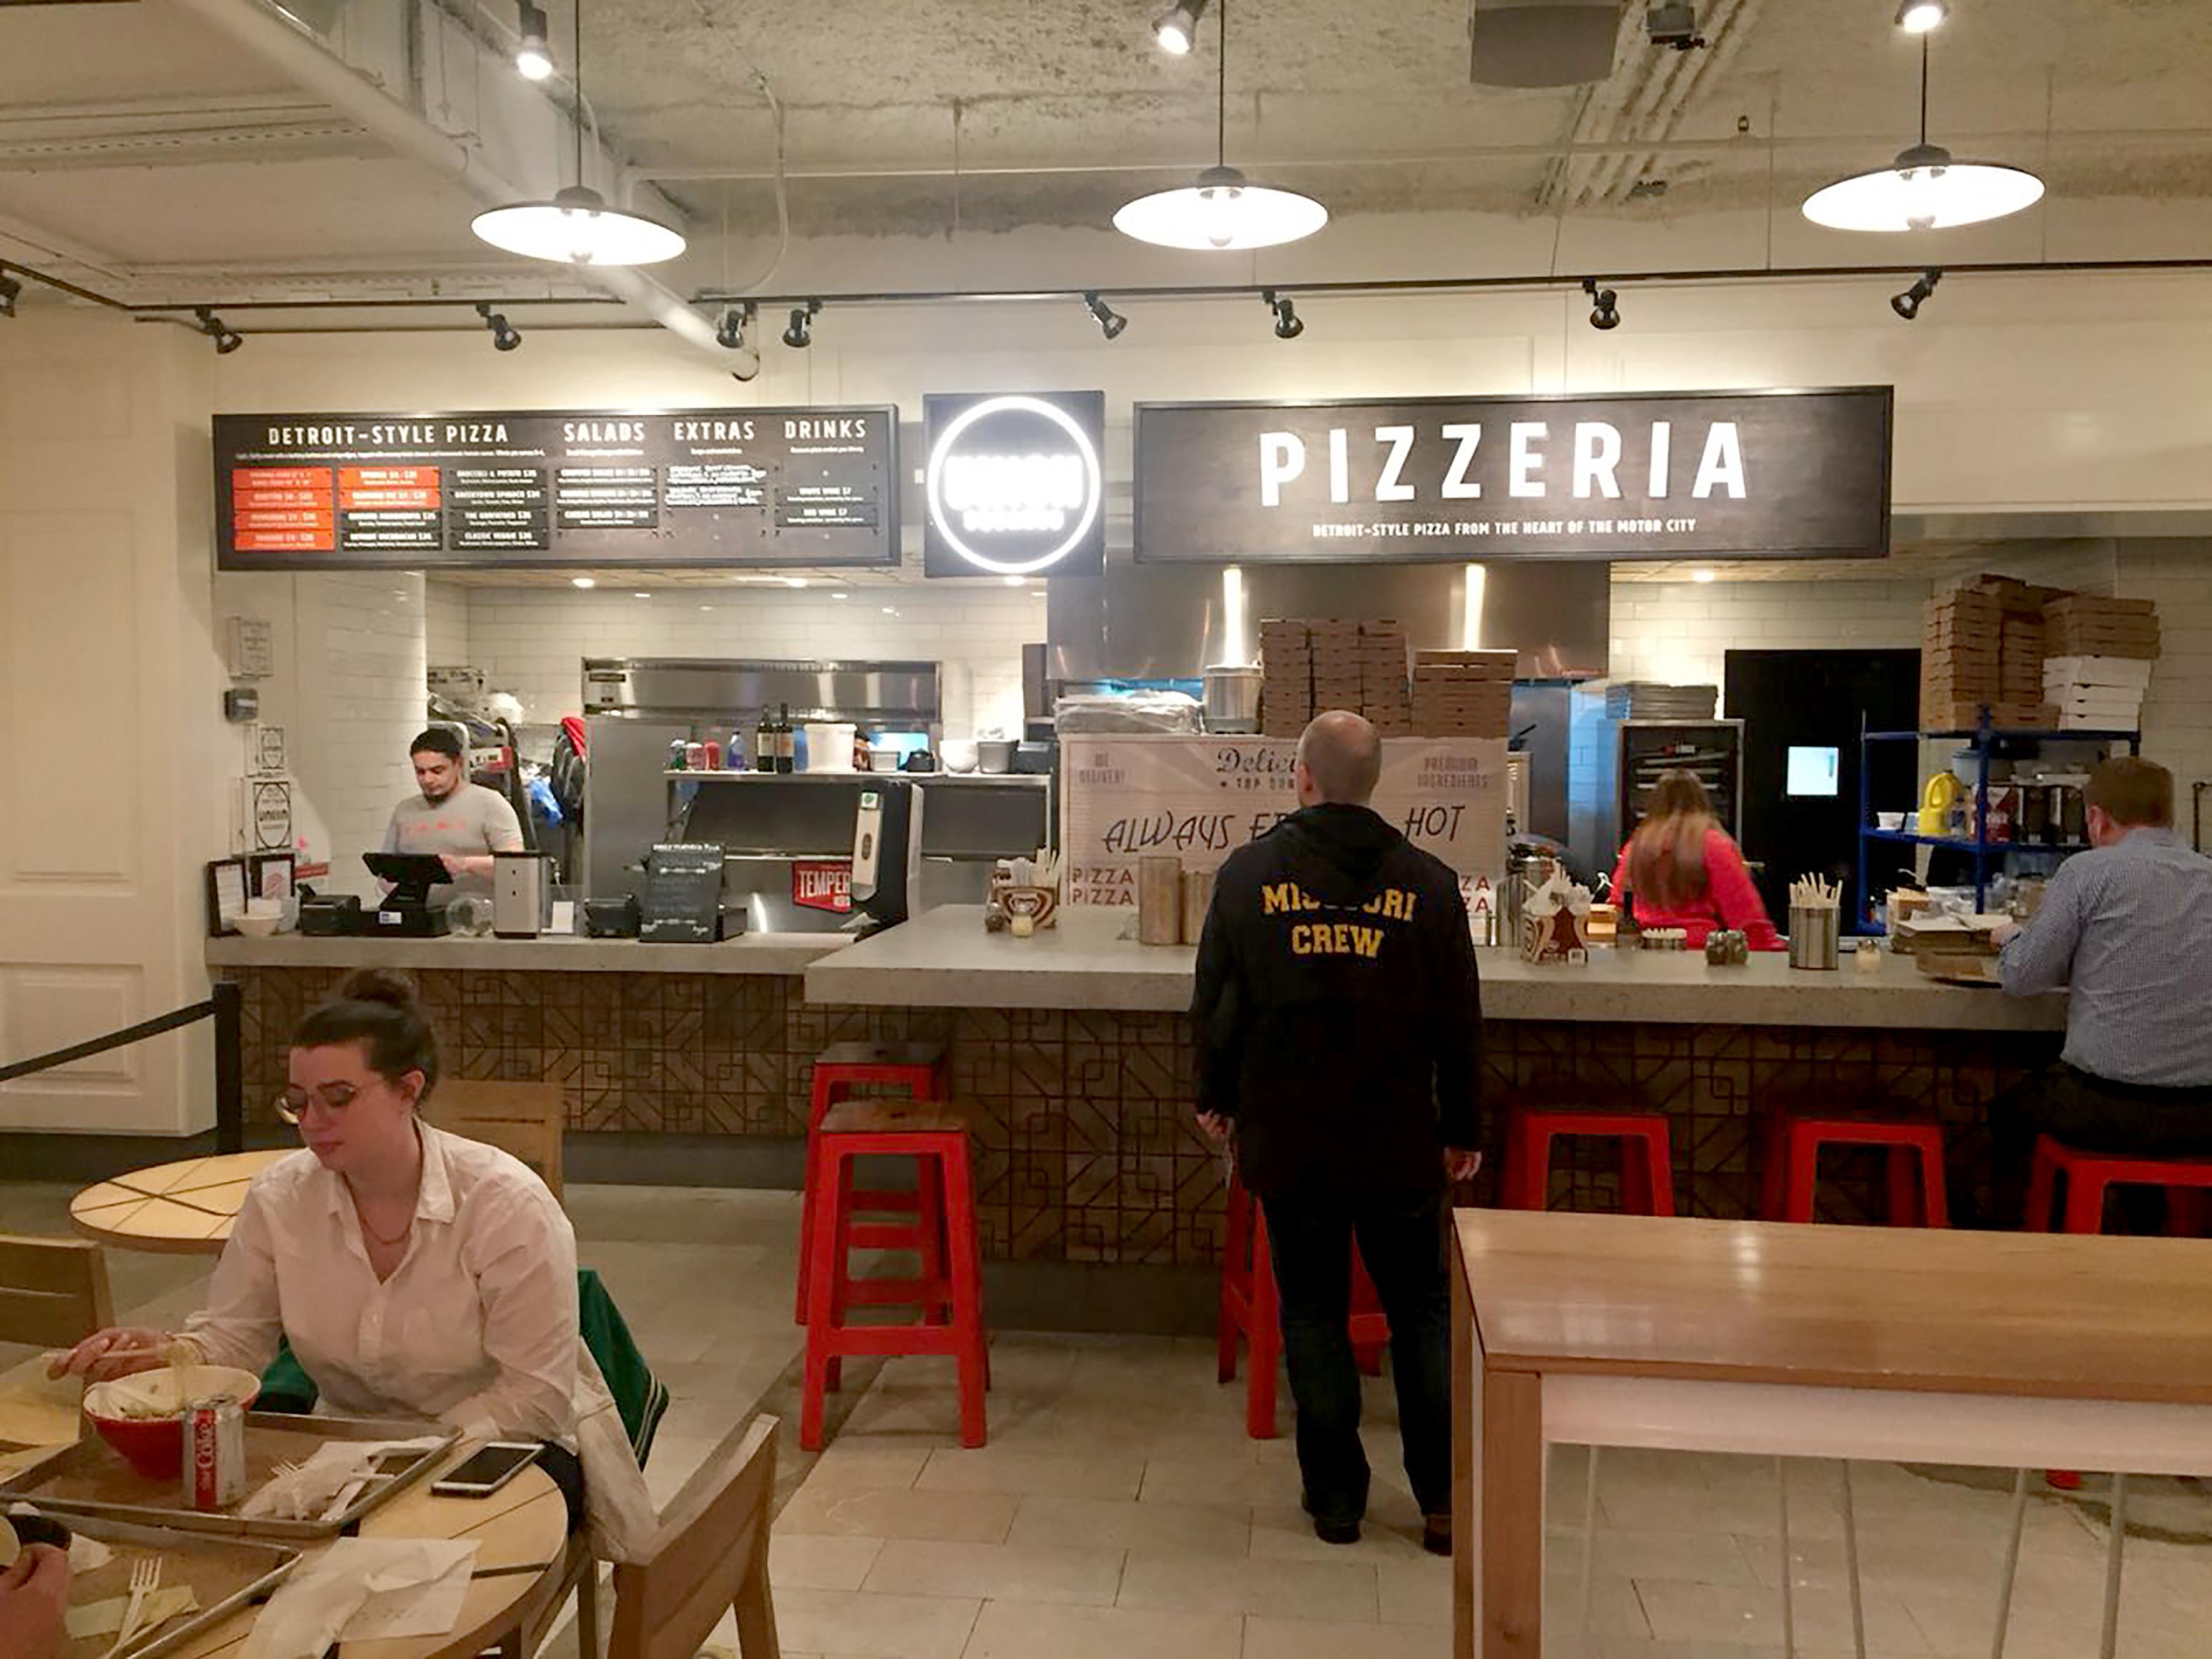 Union Squared Pizzeria